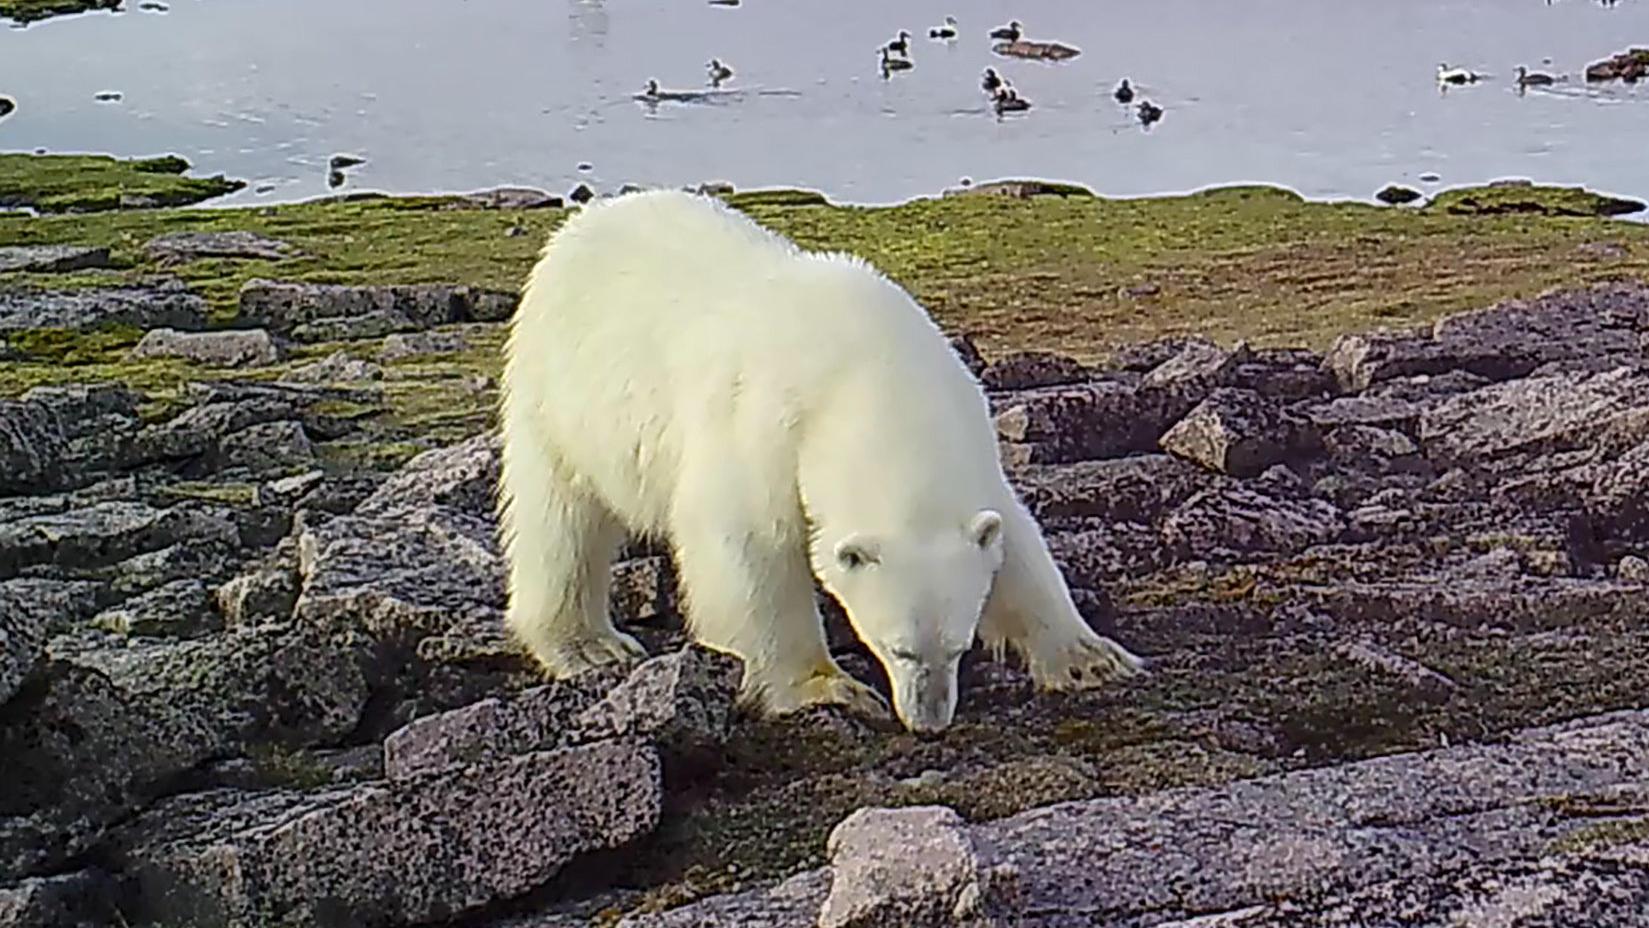 Eisbär auf Futtersuche. Wenn keine Robben gejagt werden können, muss der Sommerspeck von Eiern kommen.